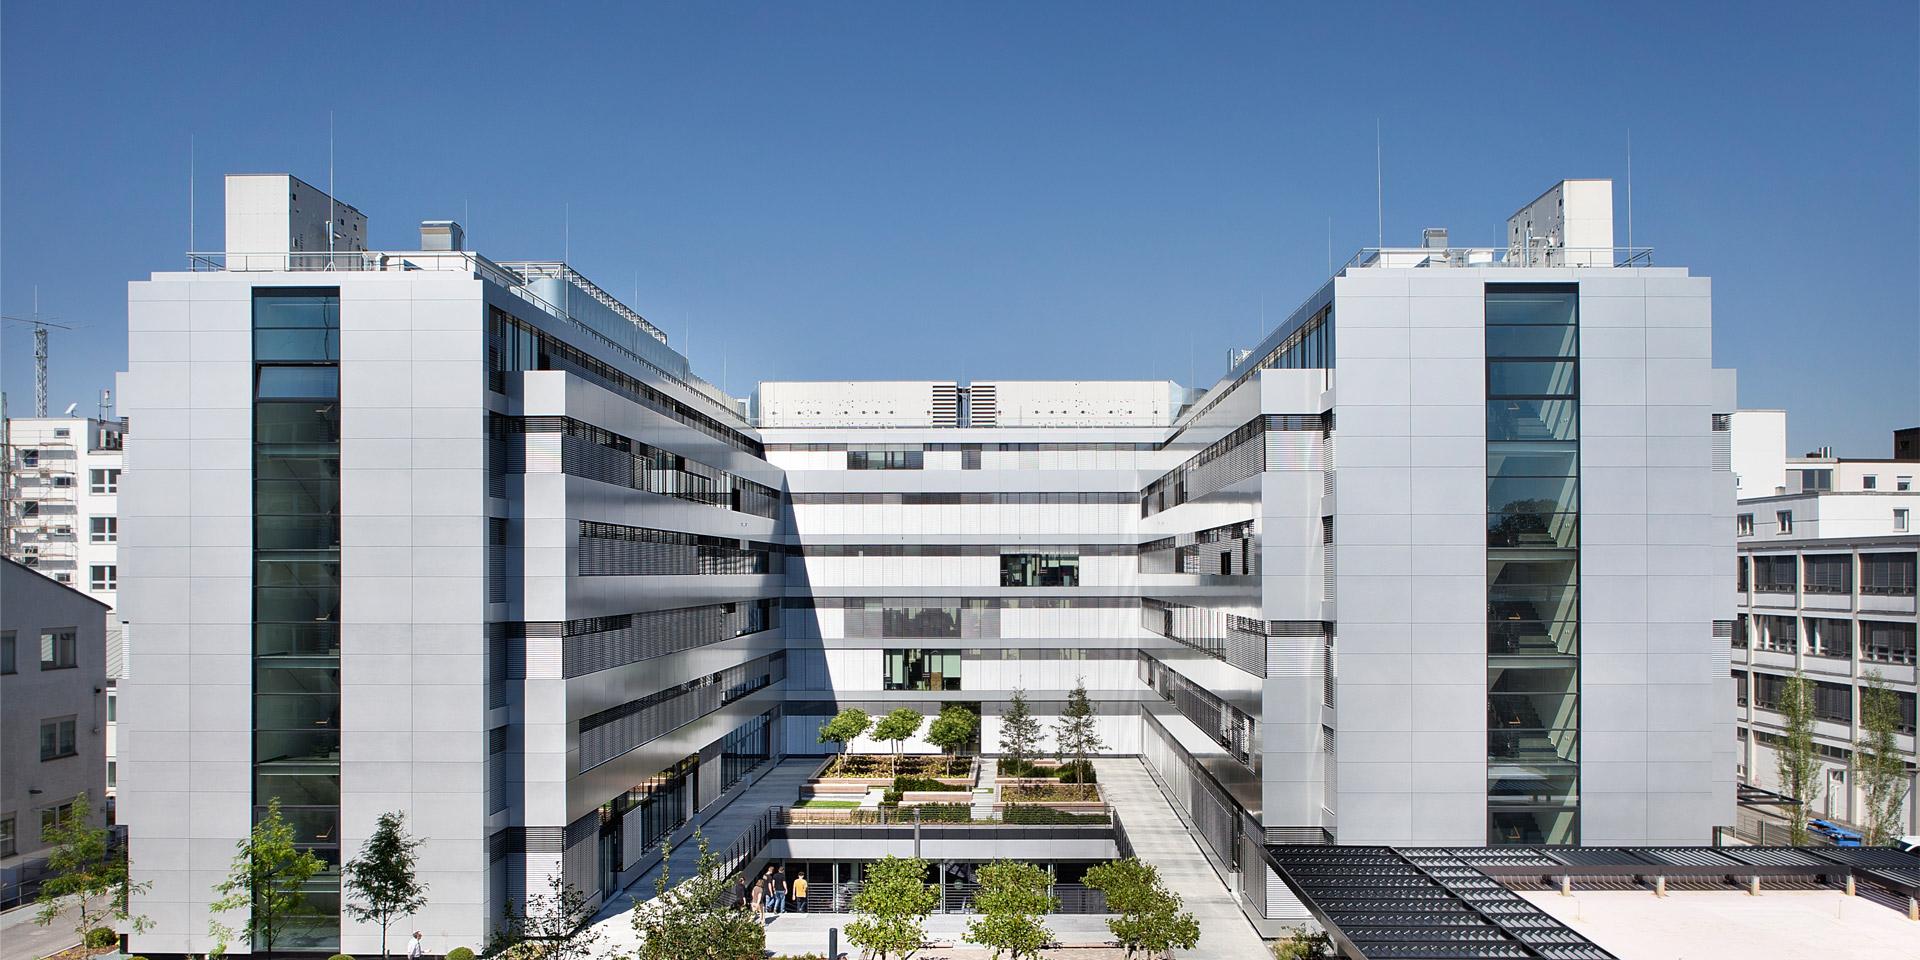 Innenhof des Entwicklergebäudes MÜ15 von Rohde & Schwarz in München.